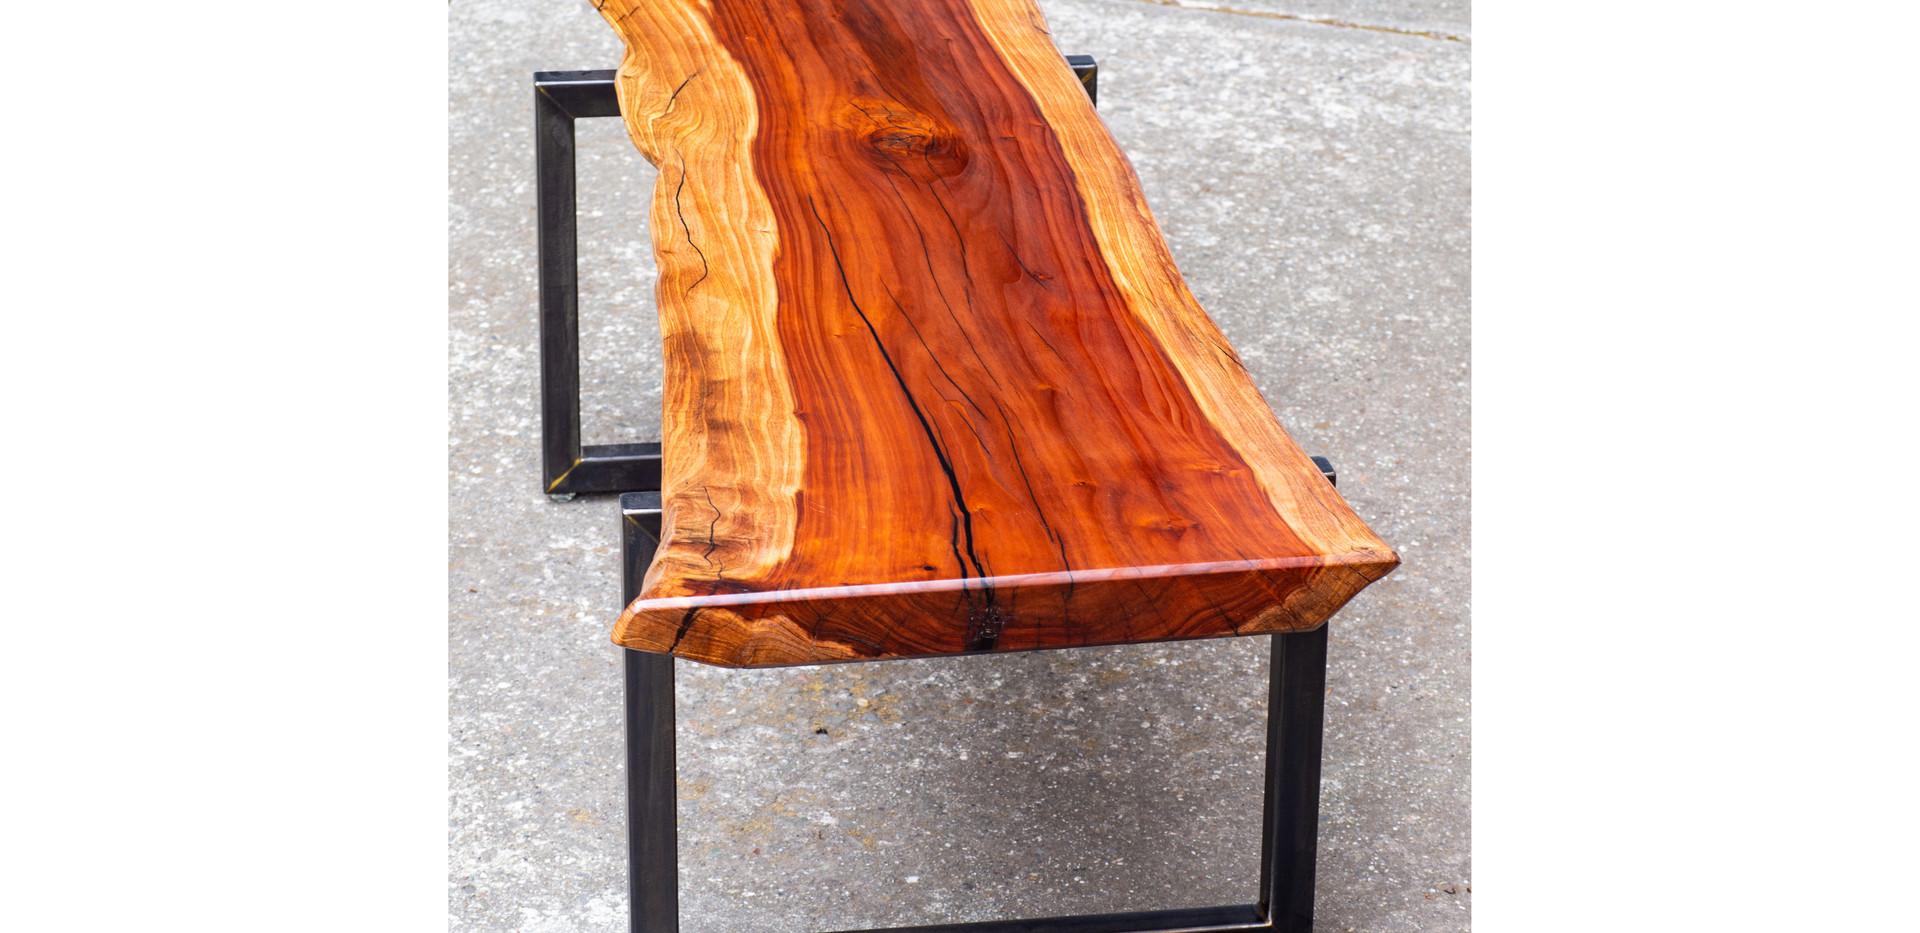 Redwood Slab Table